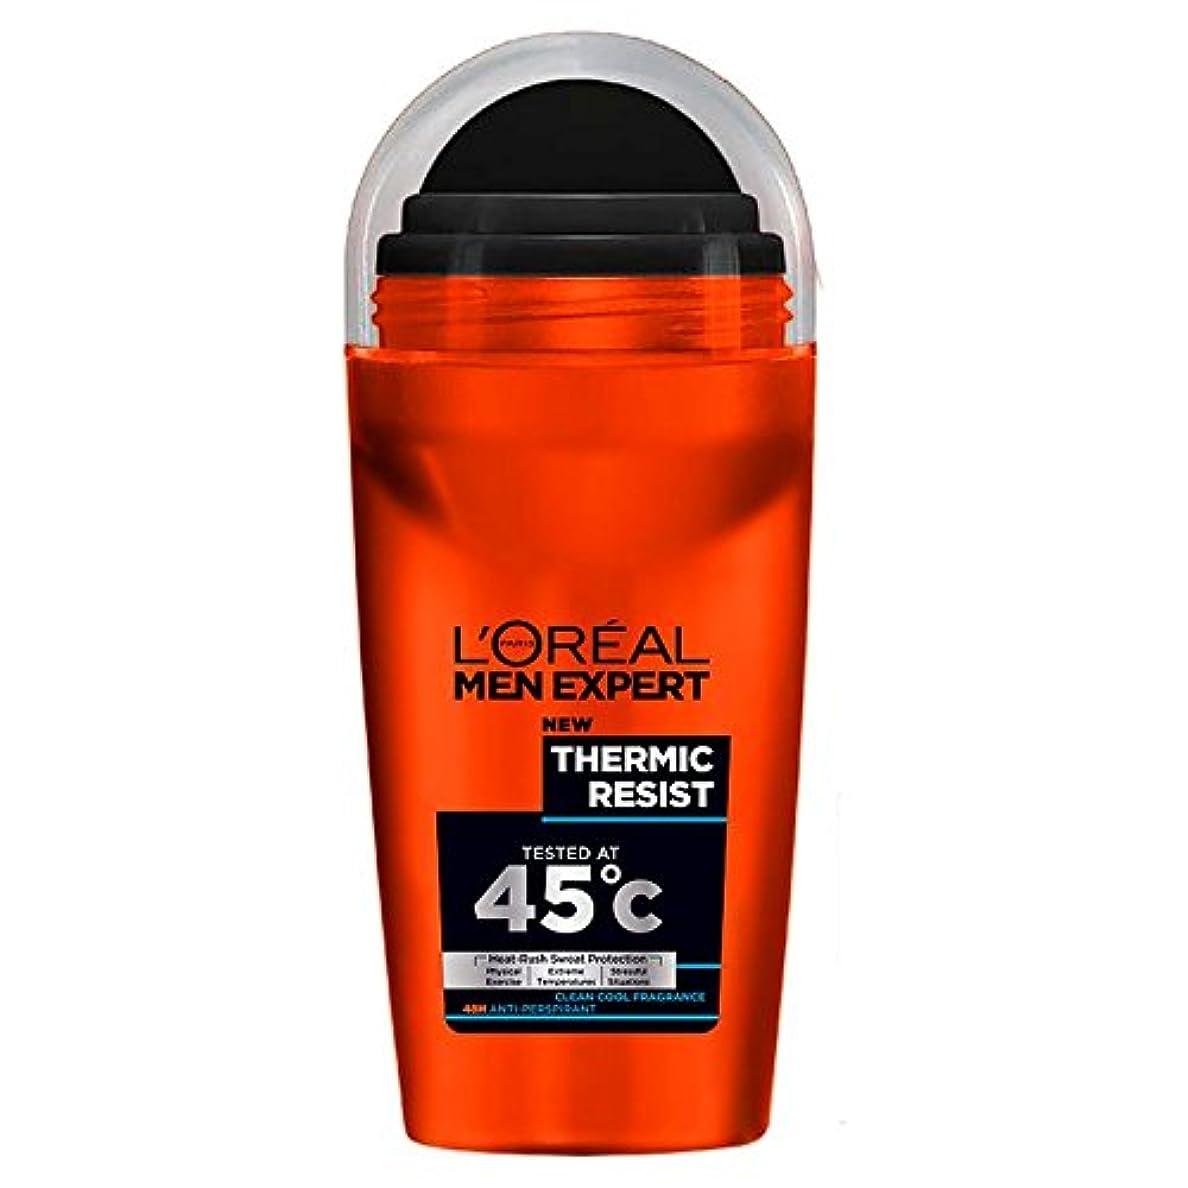 狼自体メタルラインL'Oreal Paris Men Expert Deodorant Roll-On - Thermic Resist (50ml) L'オラ?アルパリのメンズ専門デオドラントロールオン - サーミックにレジスト( 50...